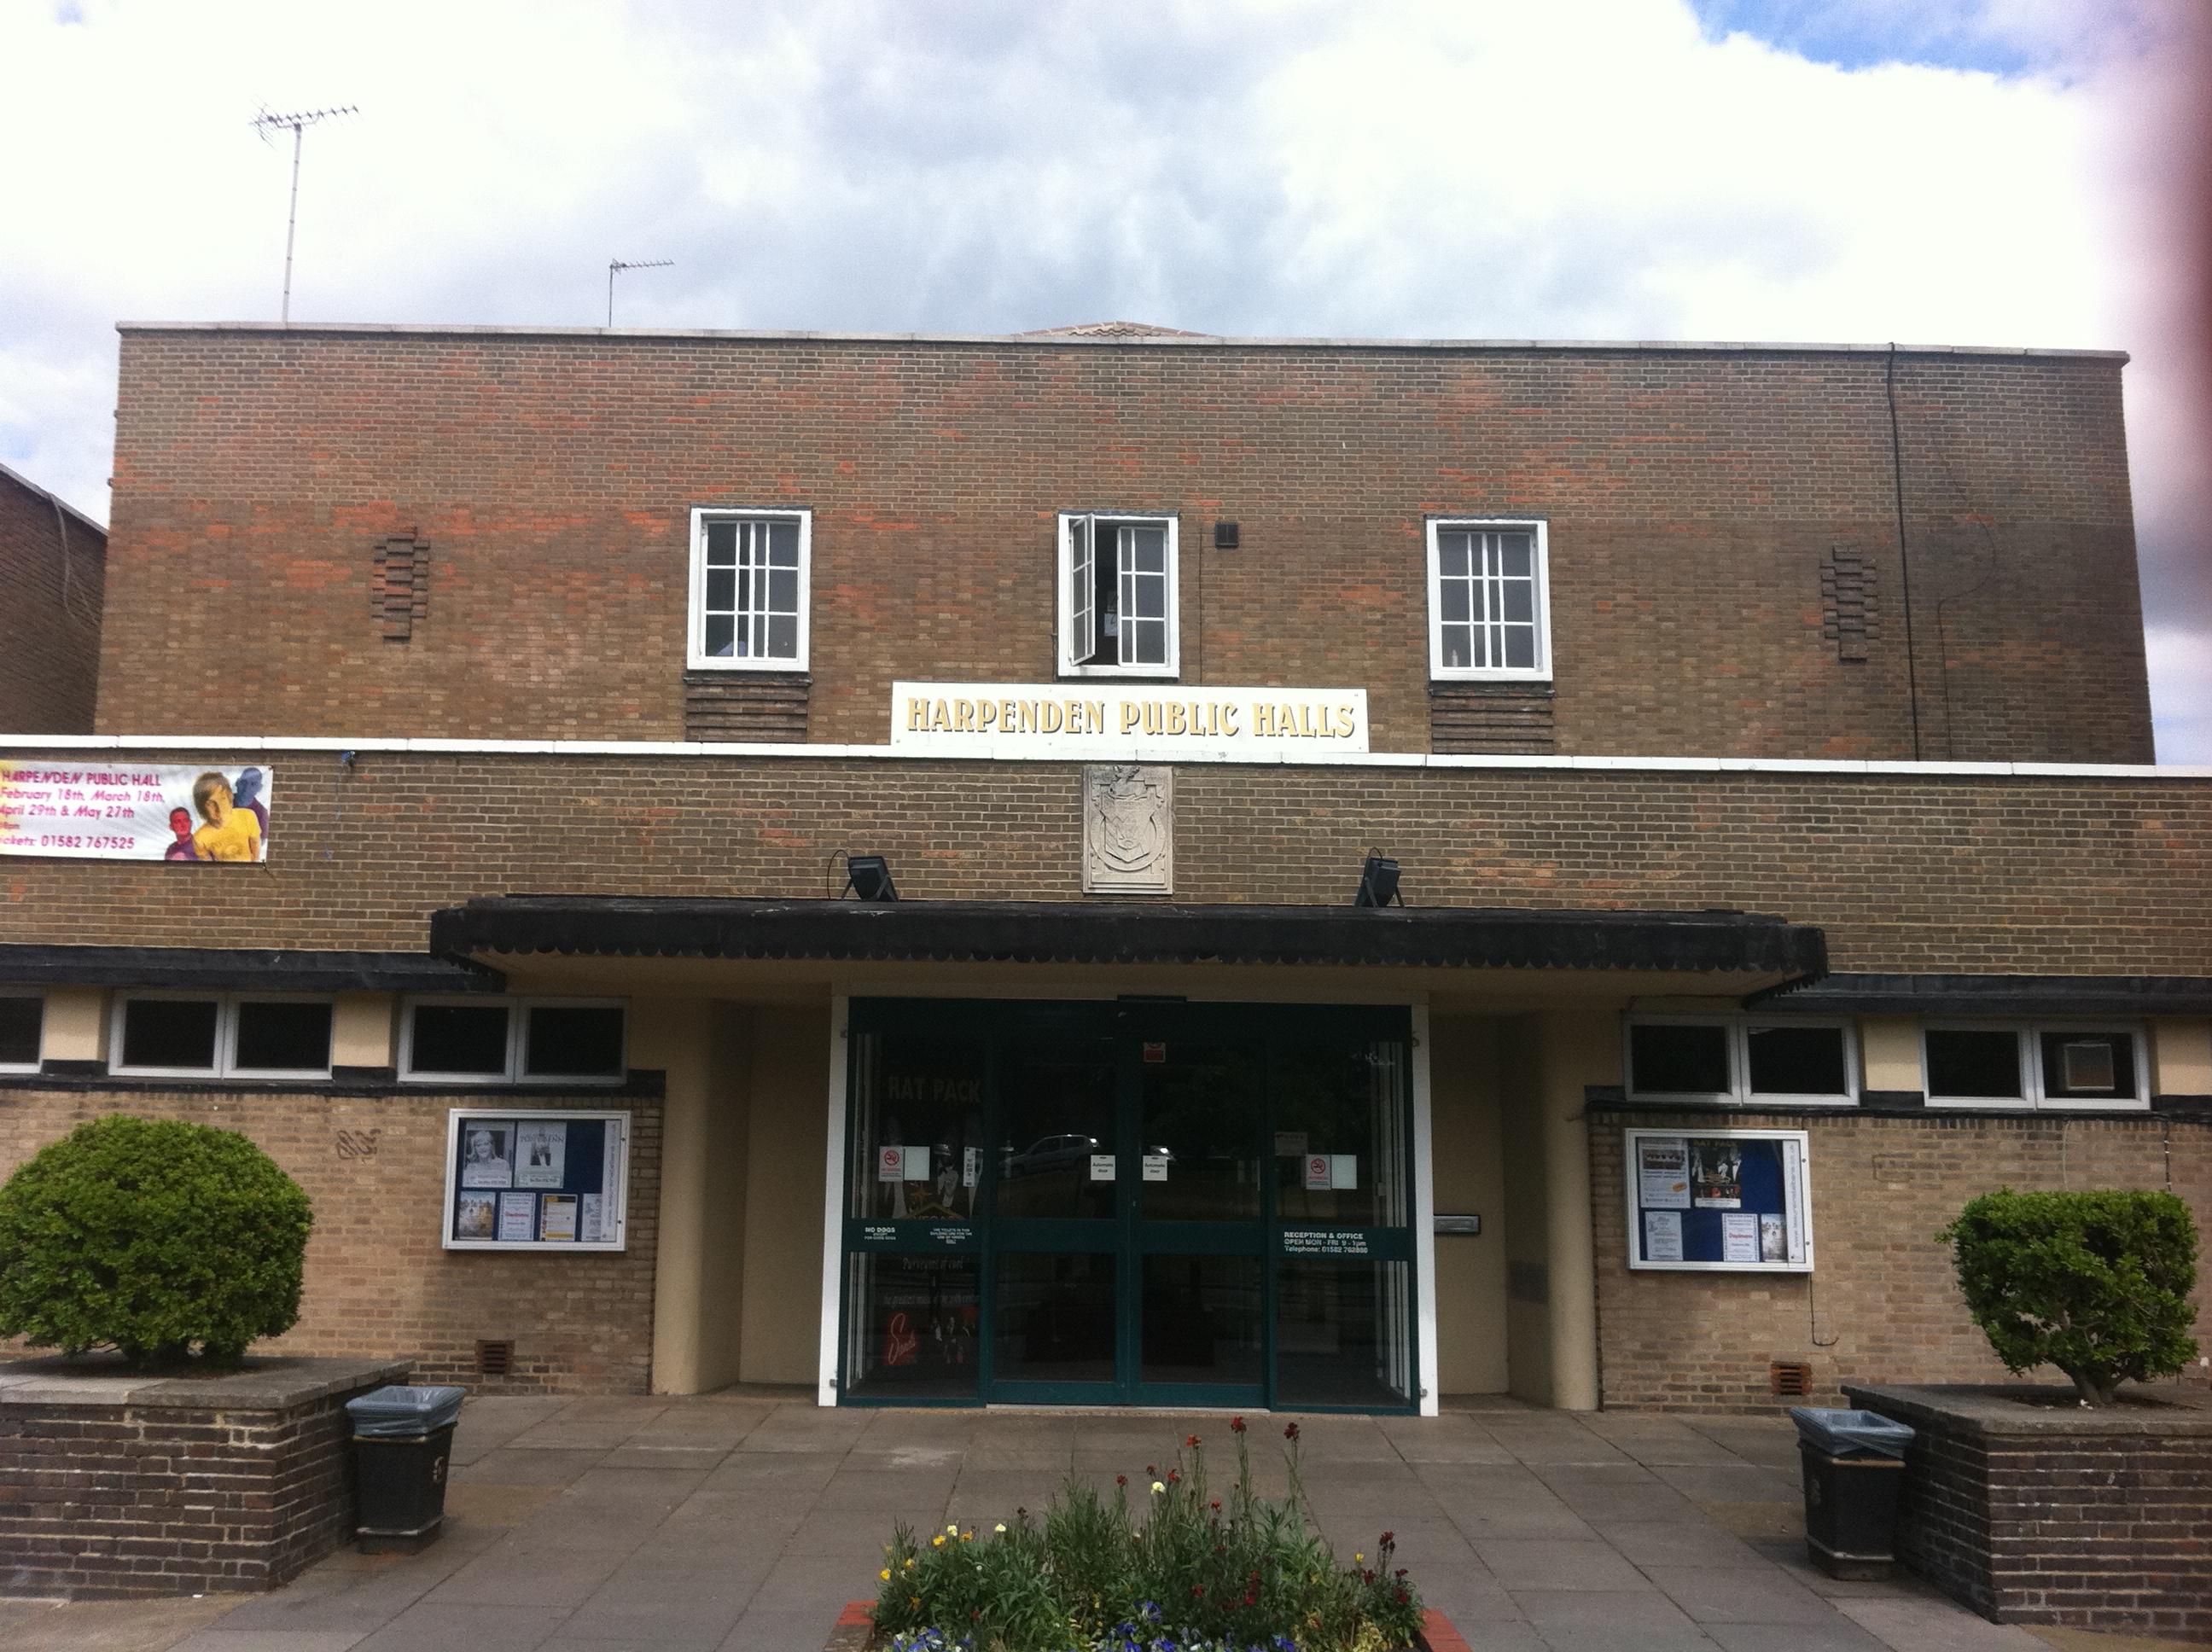 Harpenden Public Halls